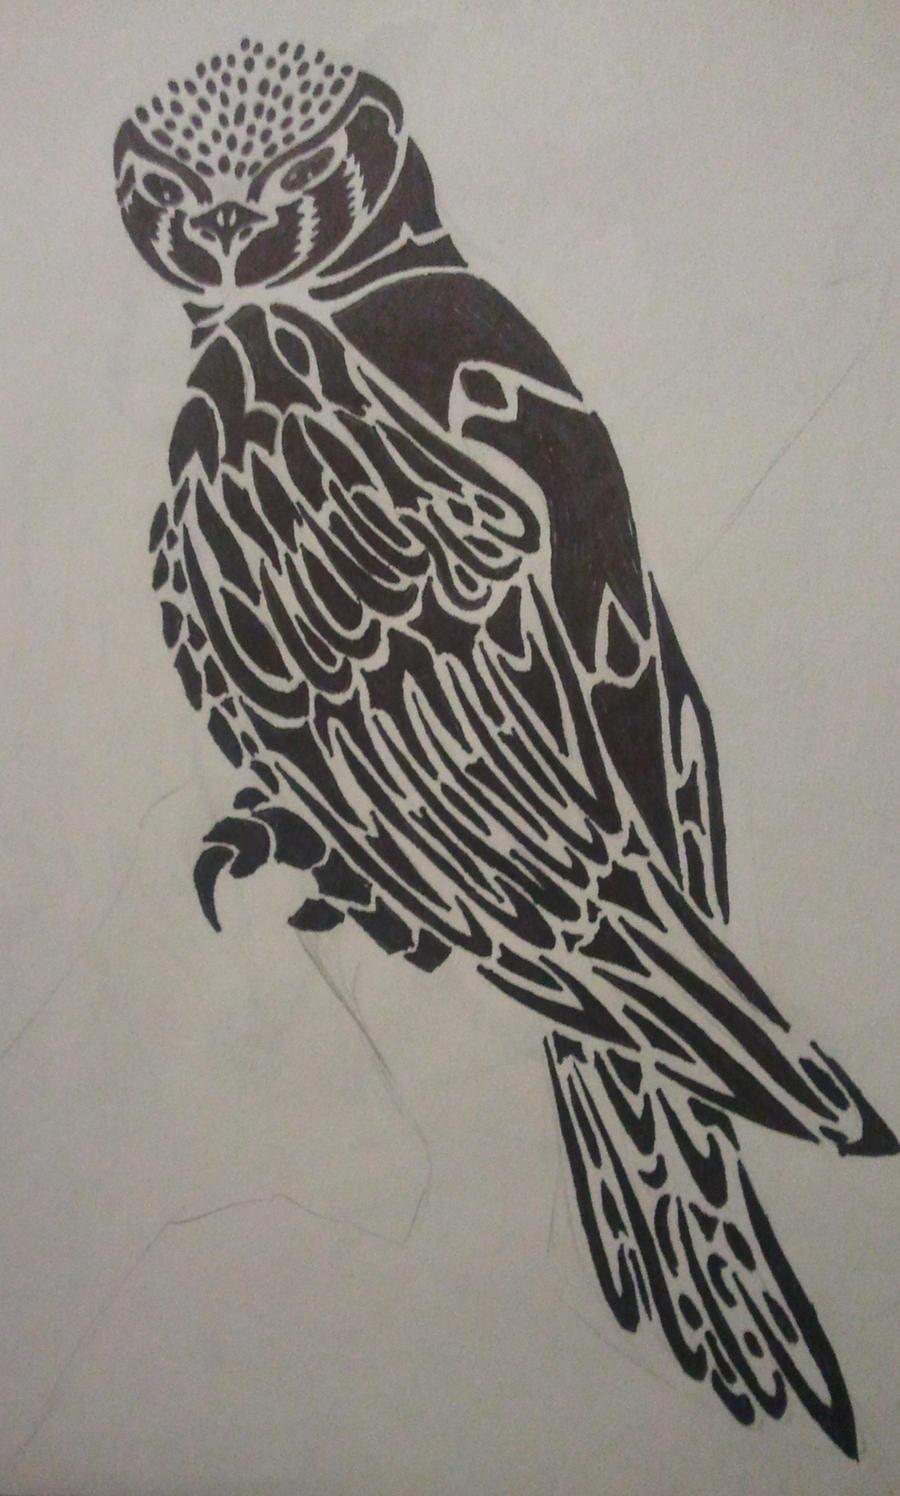 Falcon tattoo design - photo#13